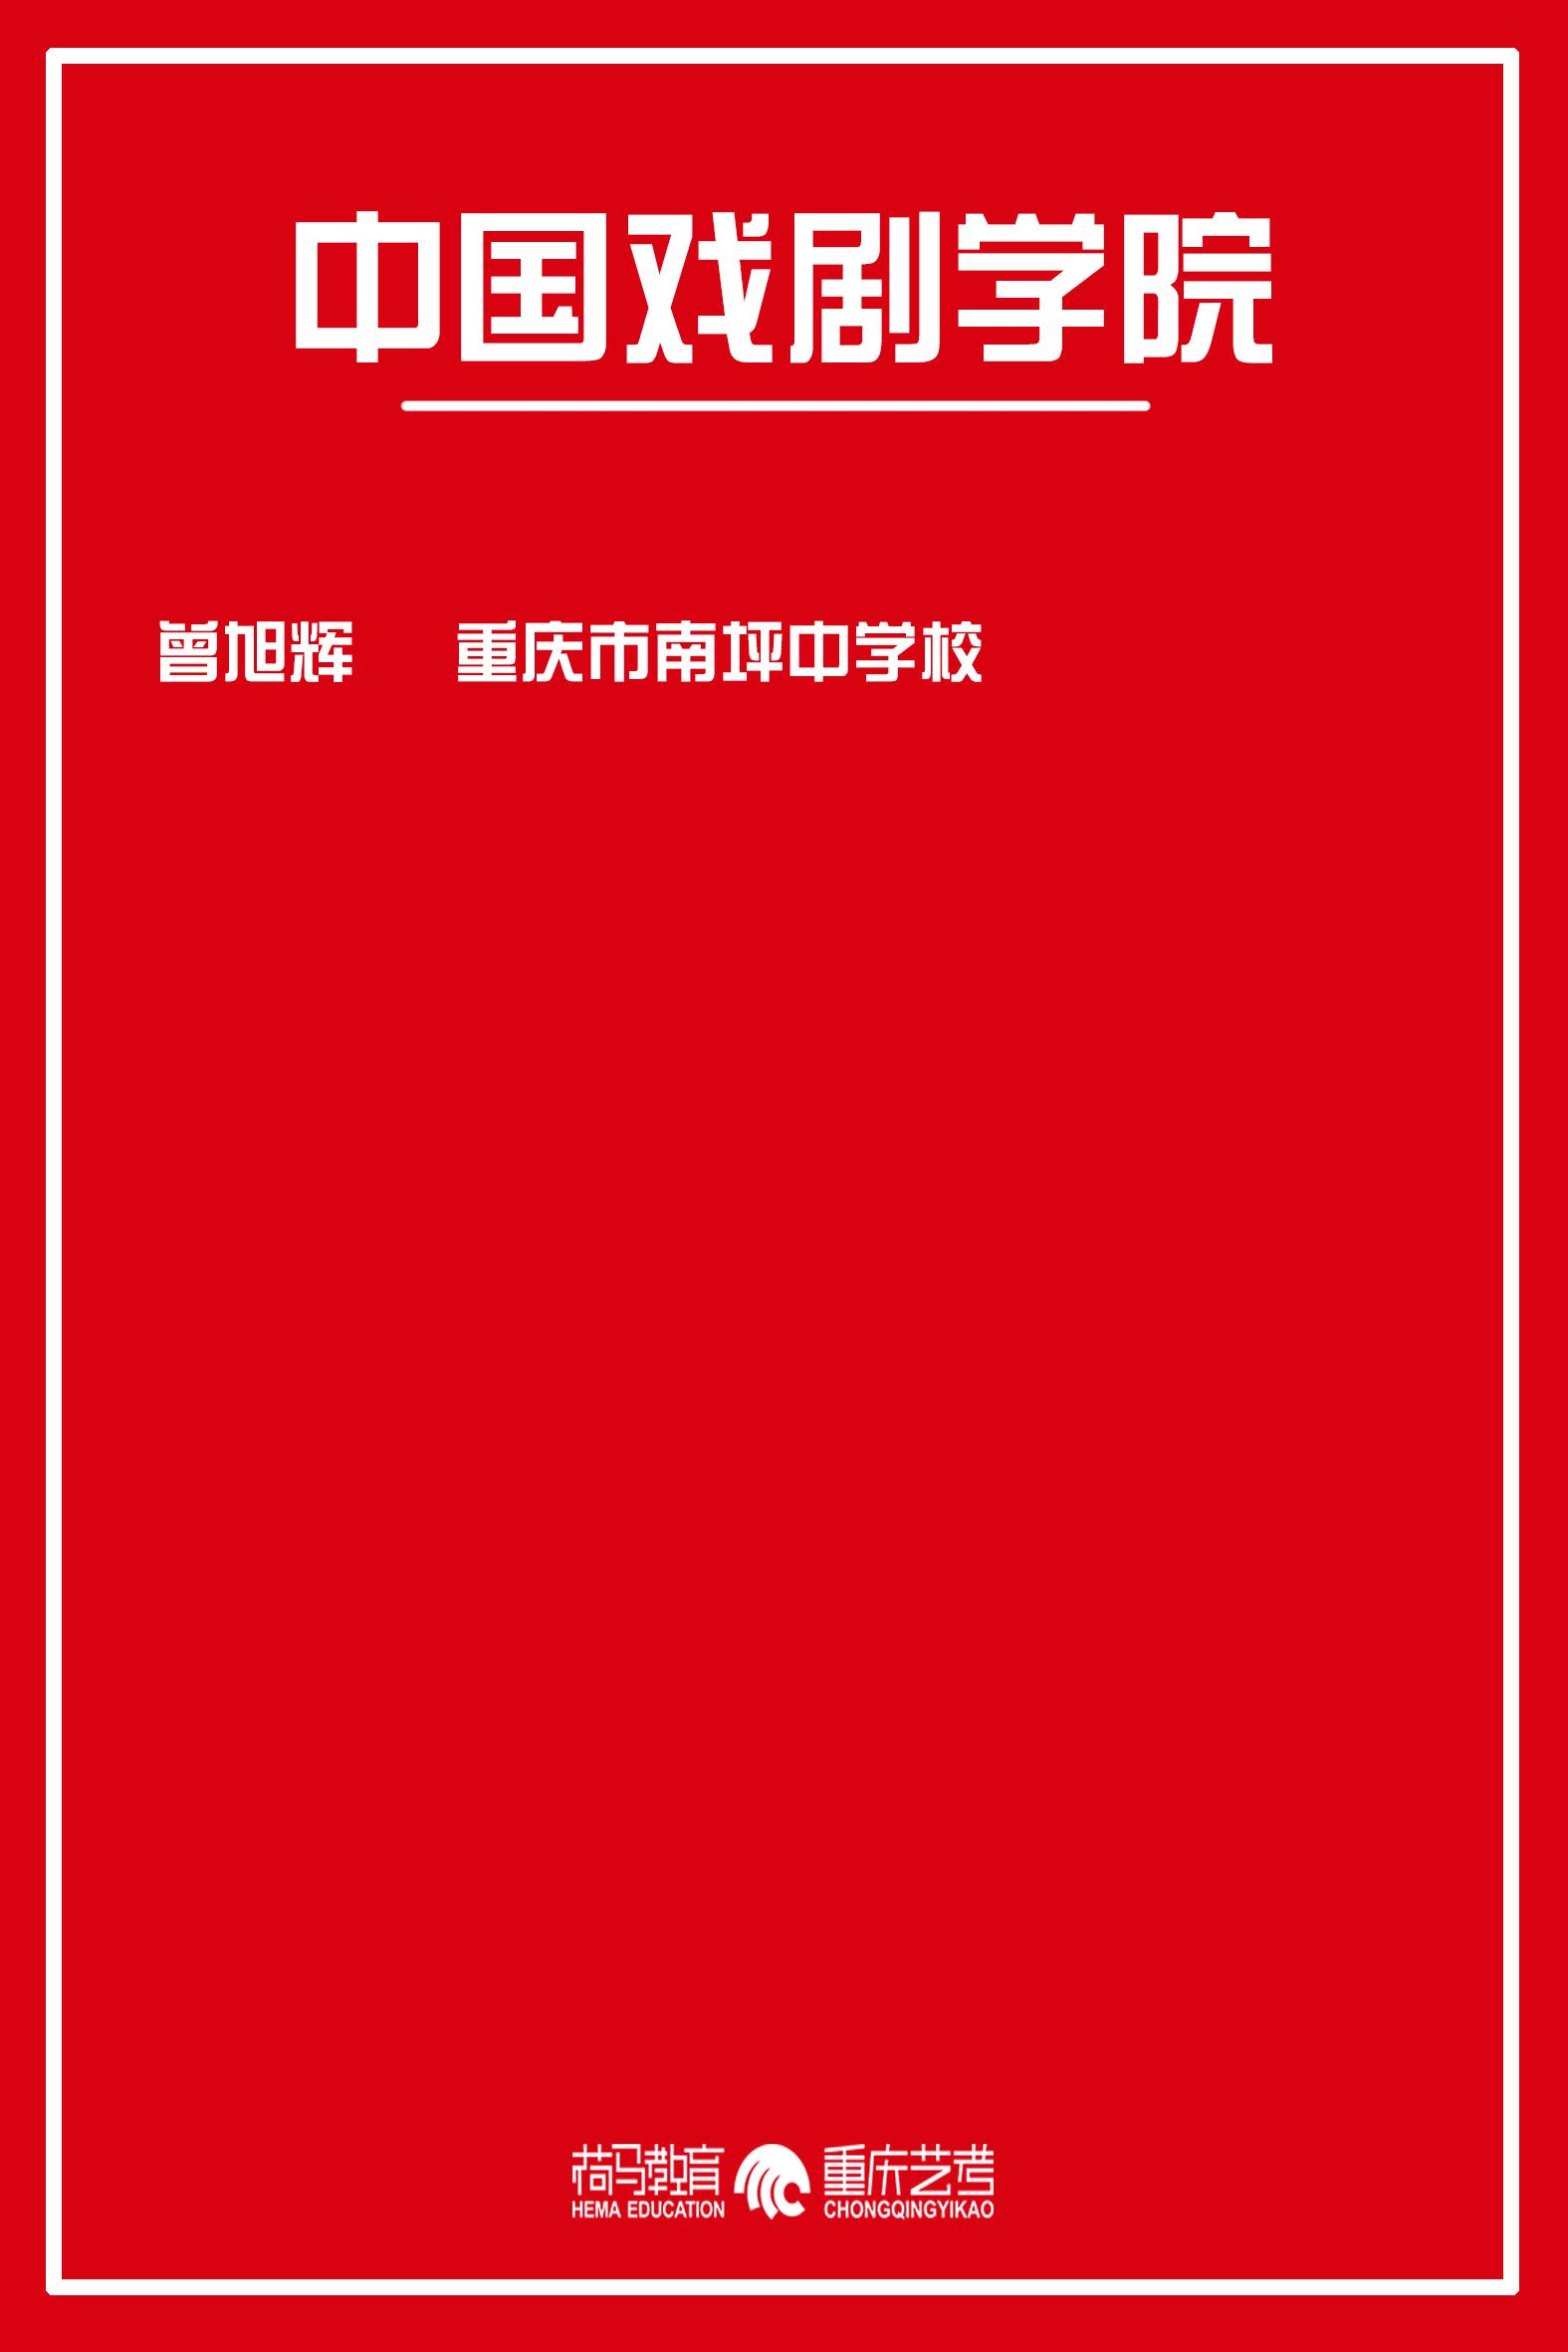 中国戏剧学院.jpg